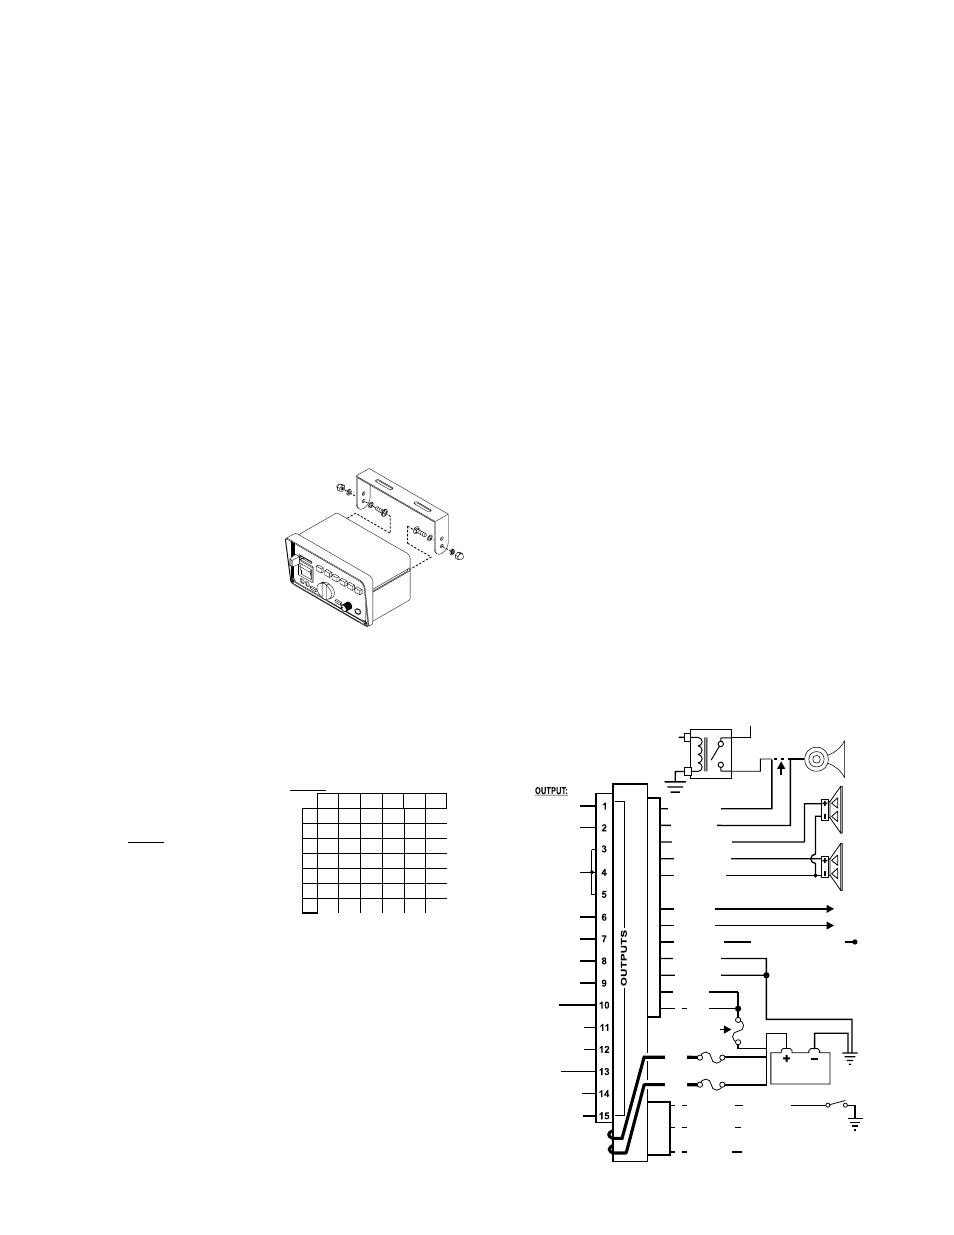 Well Led Strobe Light Wiring Diagram On Whelen Strobe Wiring Diagram